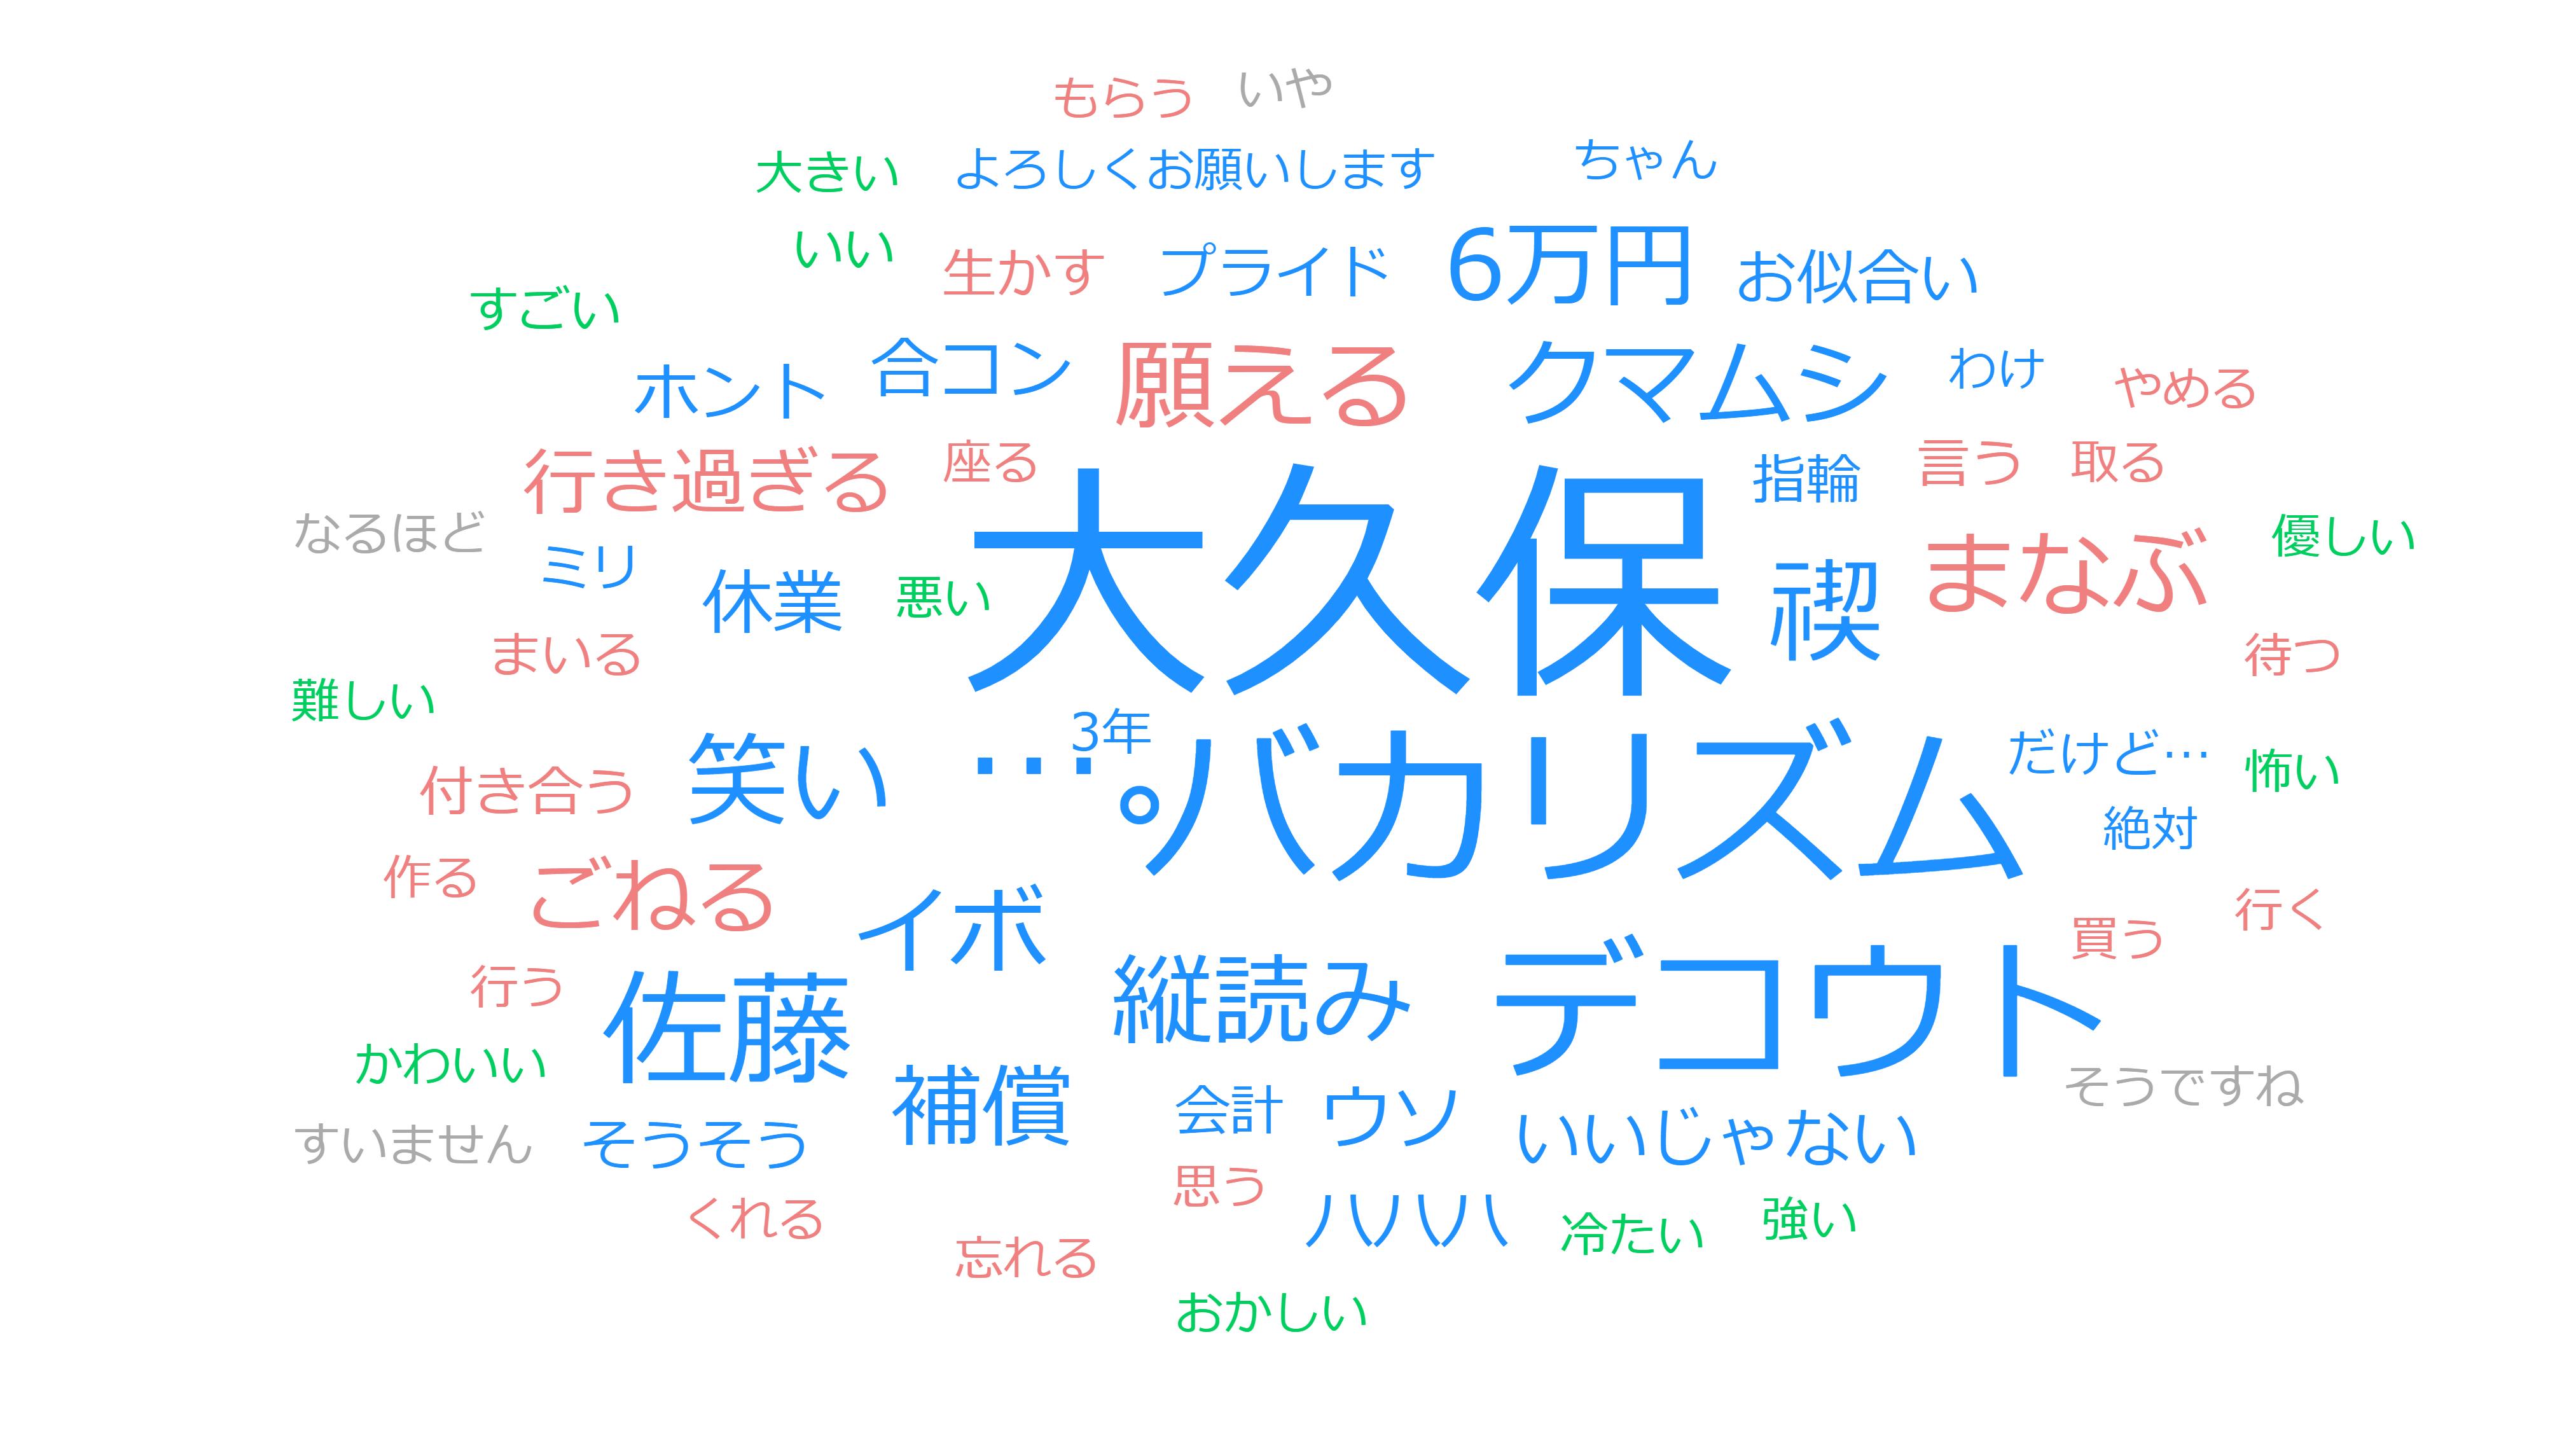 有吉反省会 クマムシ佐藤と熱愛セレブモデルが破局後初2S!